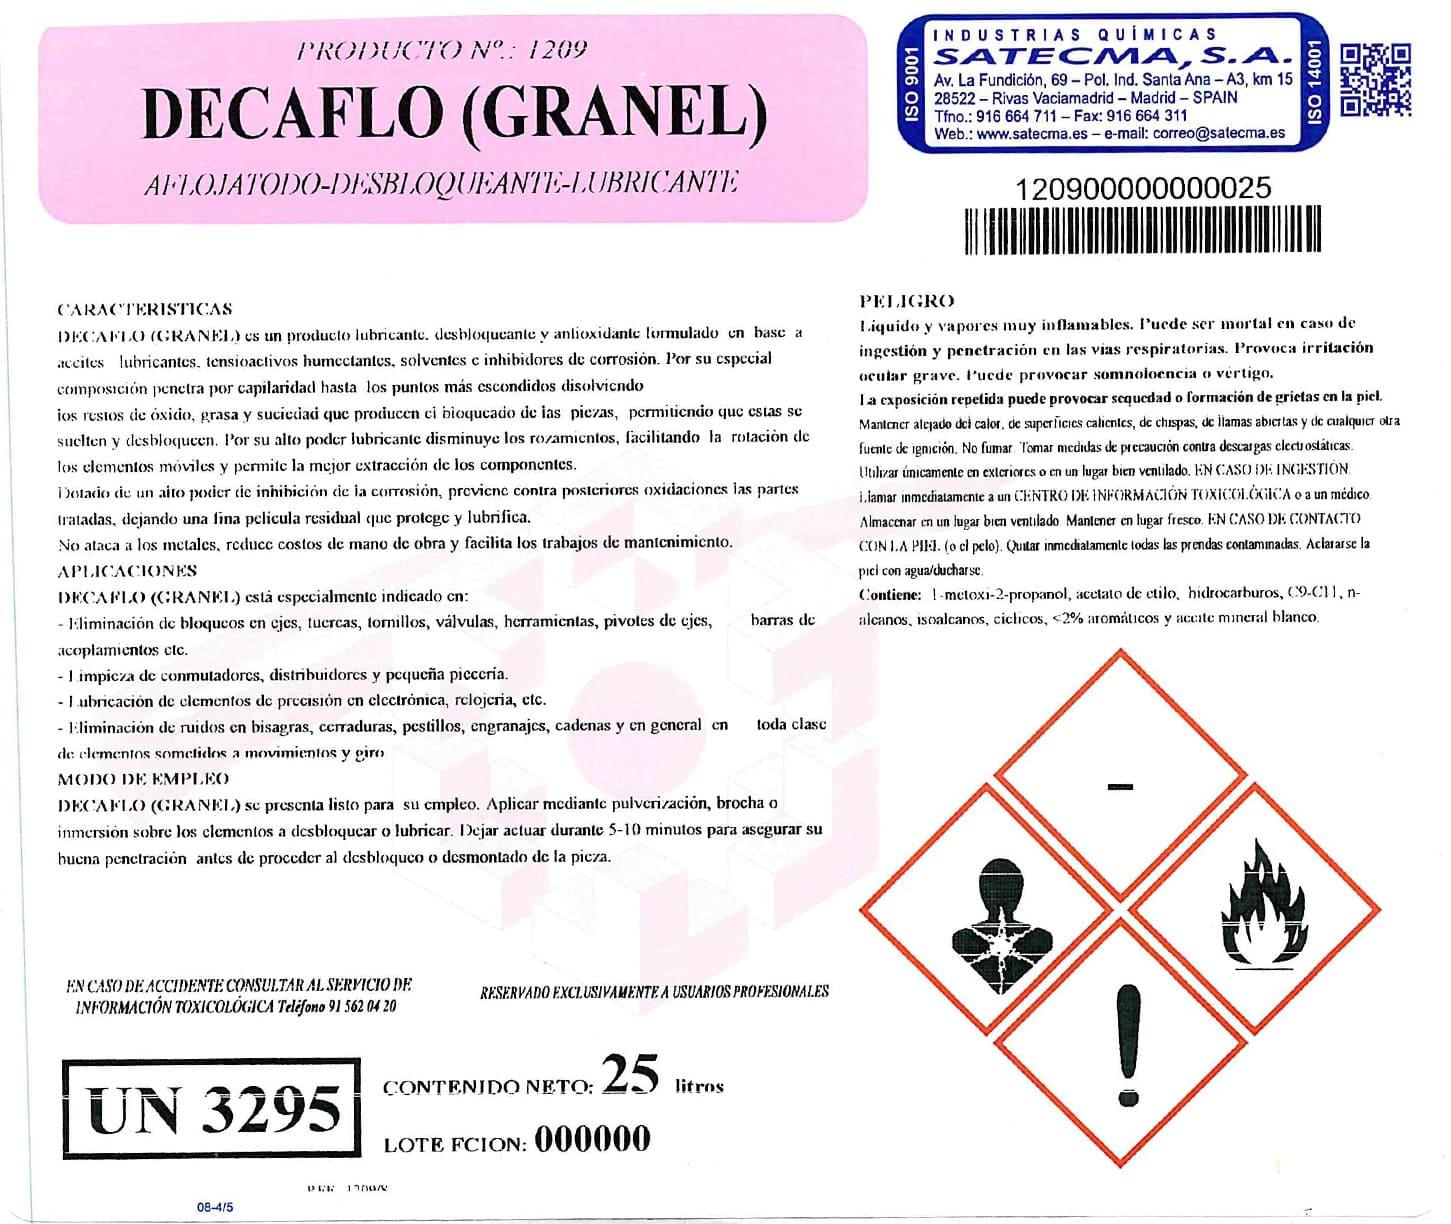 Etiqueta decaflo granel